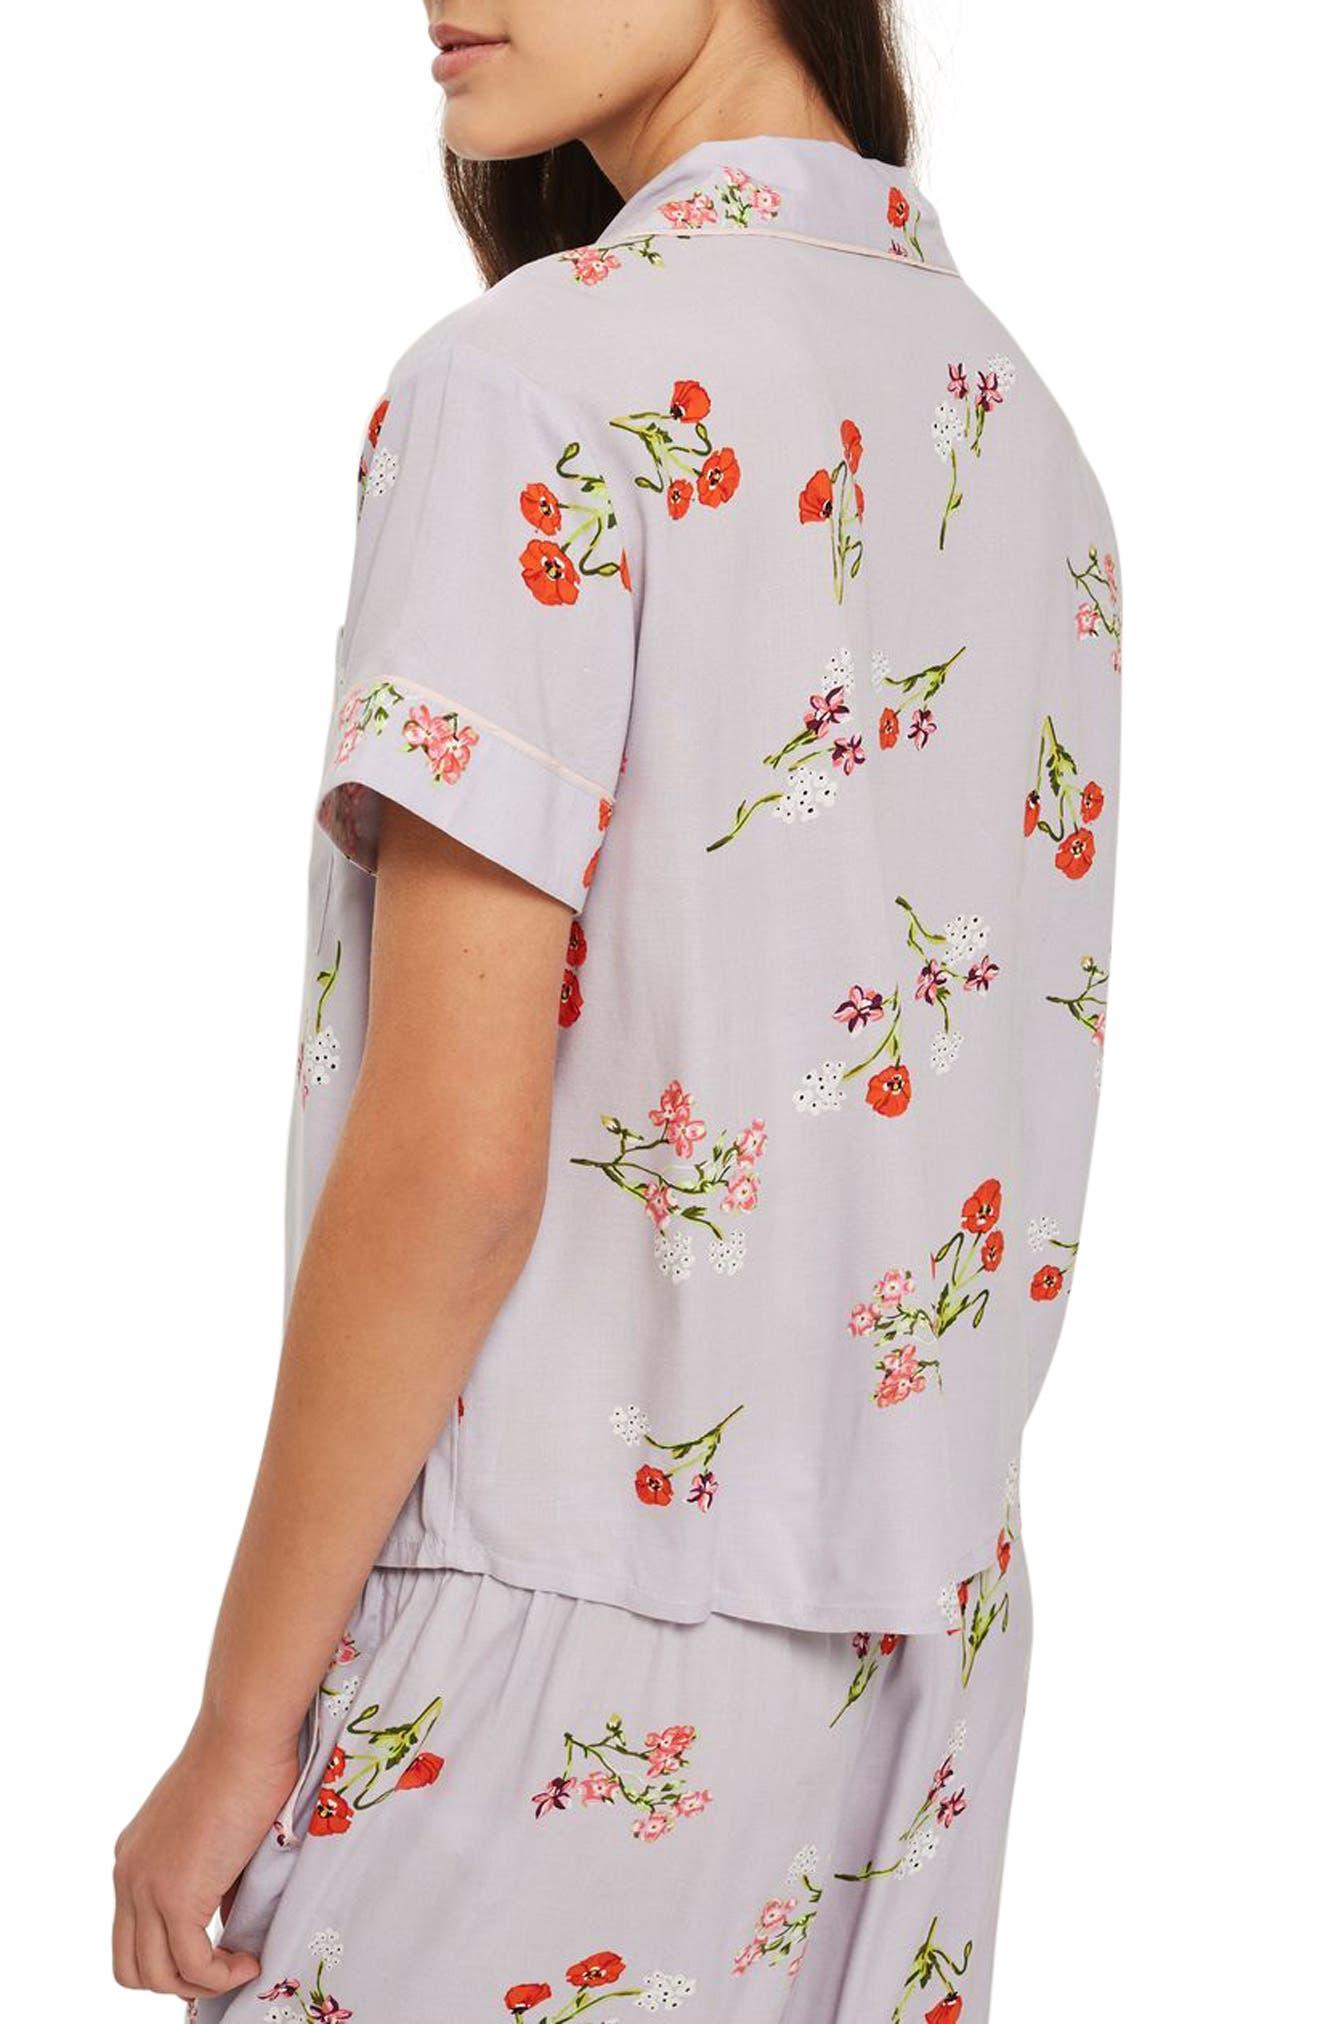 Poppy Pajama Shirt,                             Alternate thumbnail 2, color,                             Light Blue Multi